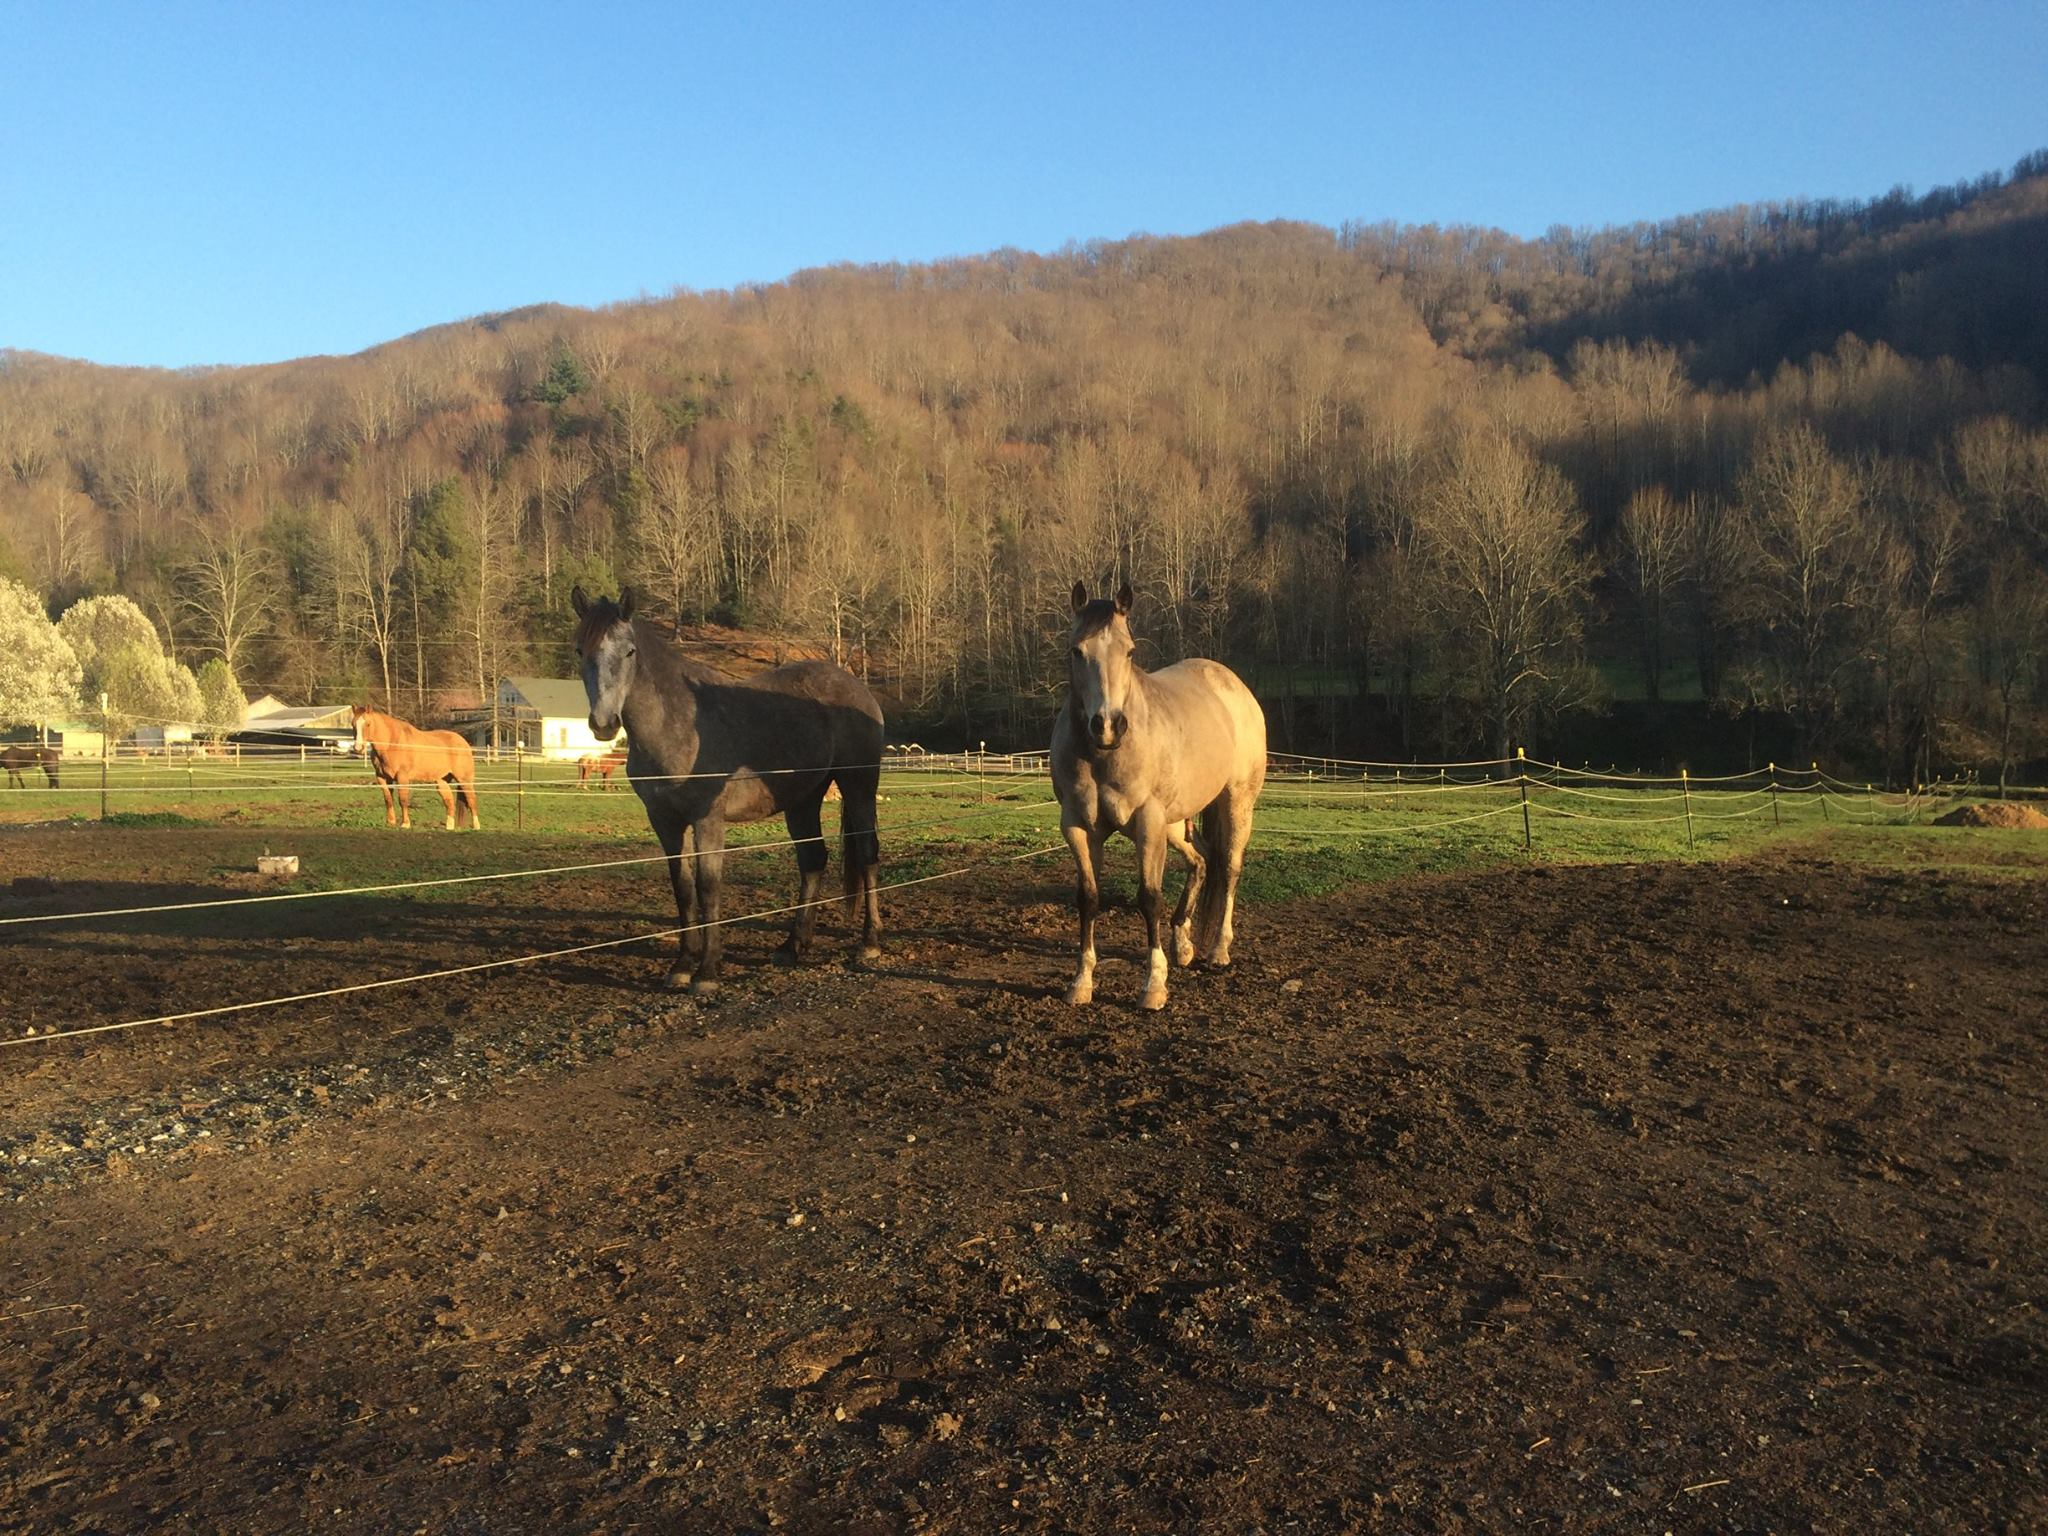 Horses in paddocks